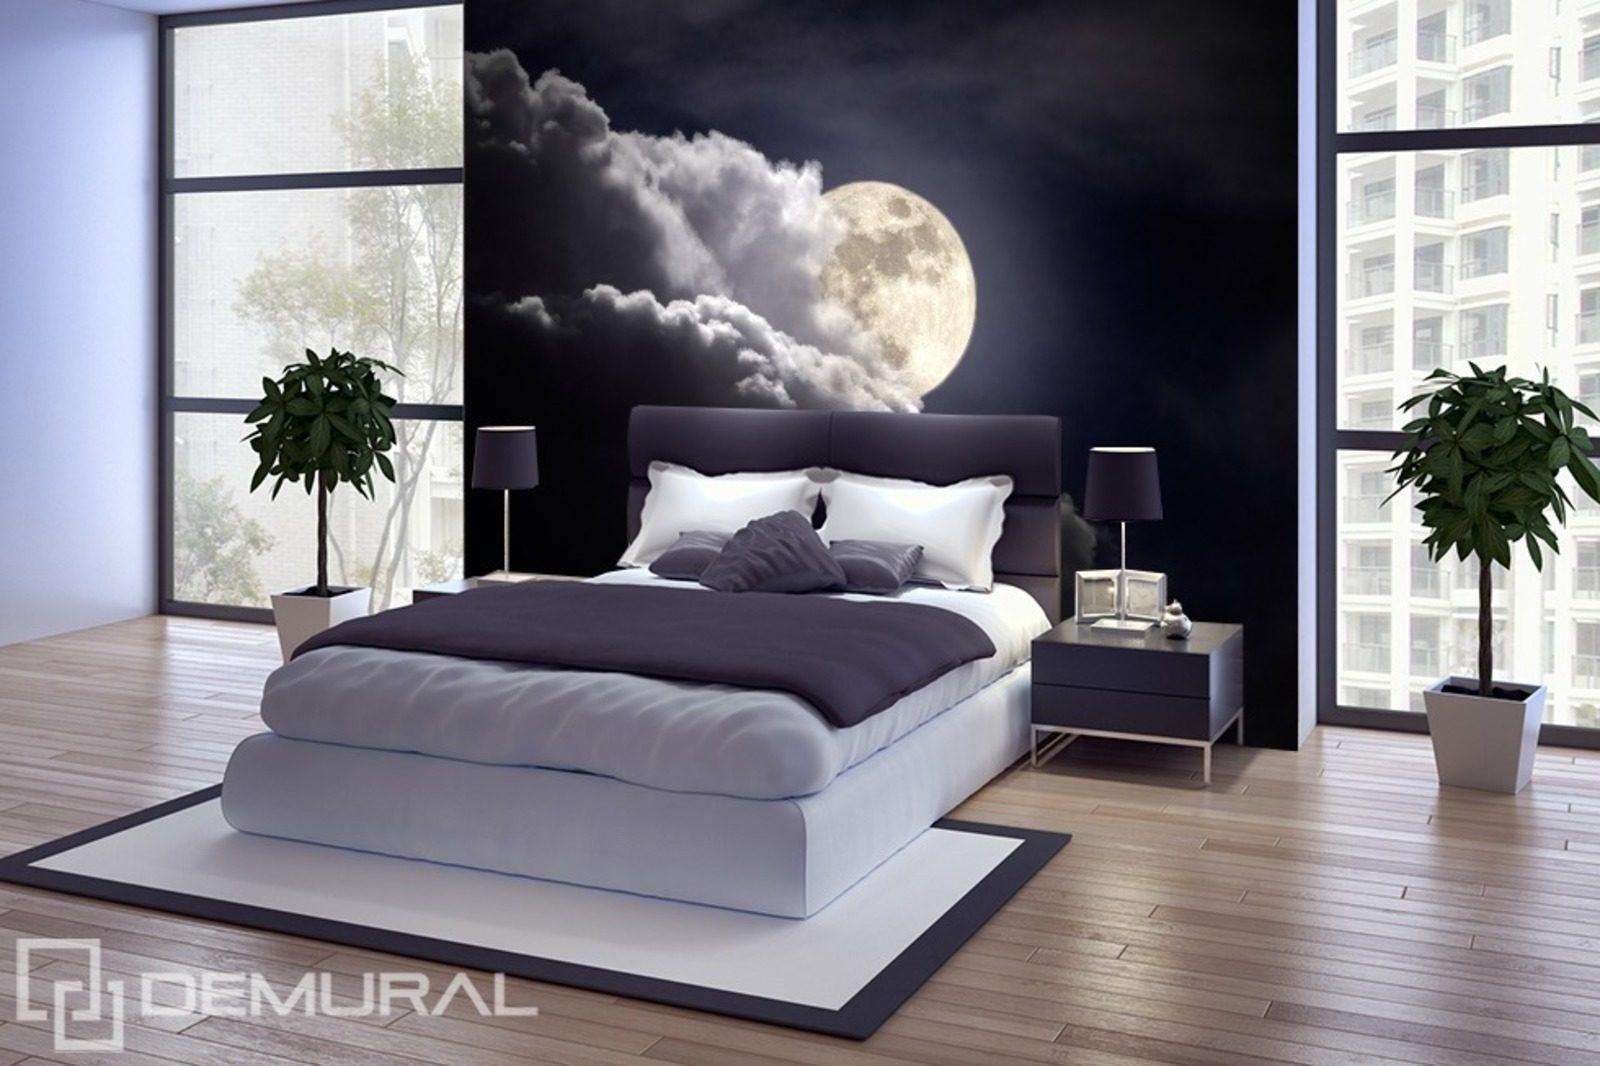 Fototapete im Schlafzimmer – bunte Träume und entzückende ...